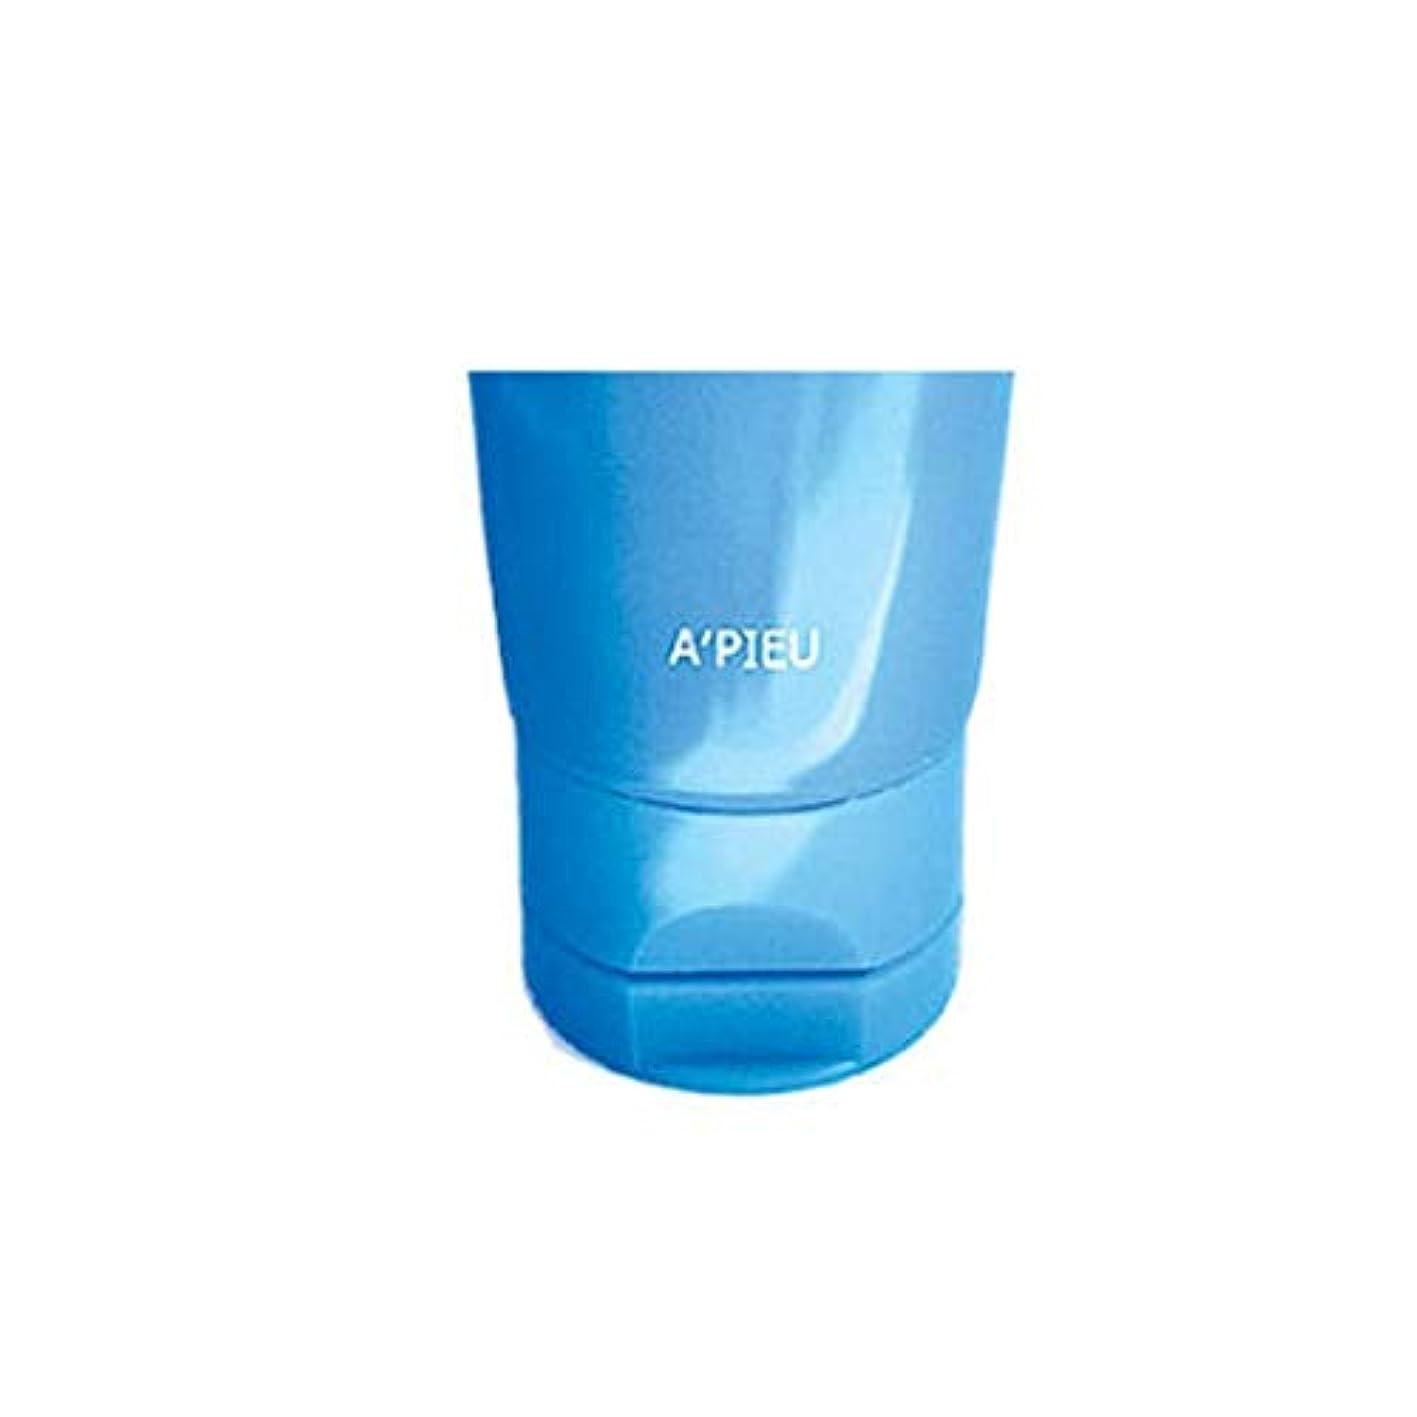 造船サドル進むオピュディープクリーンフォームクレンザー130mlx2本セット韓国コスメ、A'pieu Deep Clean Foam Cleanser 130ml x 2ea Set Korean Cosmetics [並行輸入品]